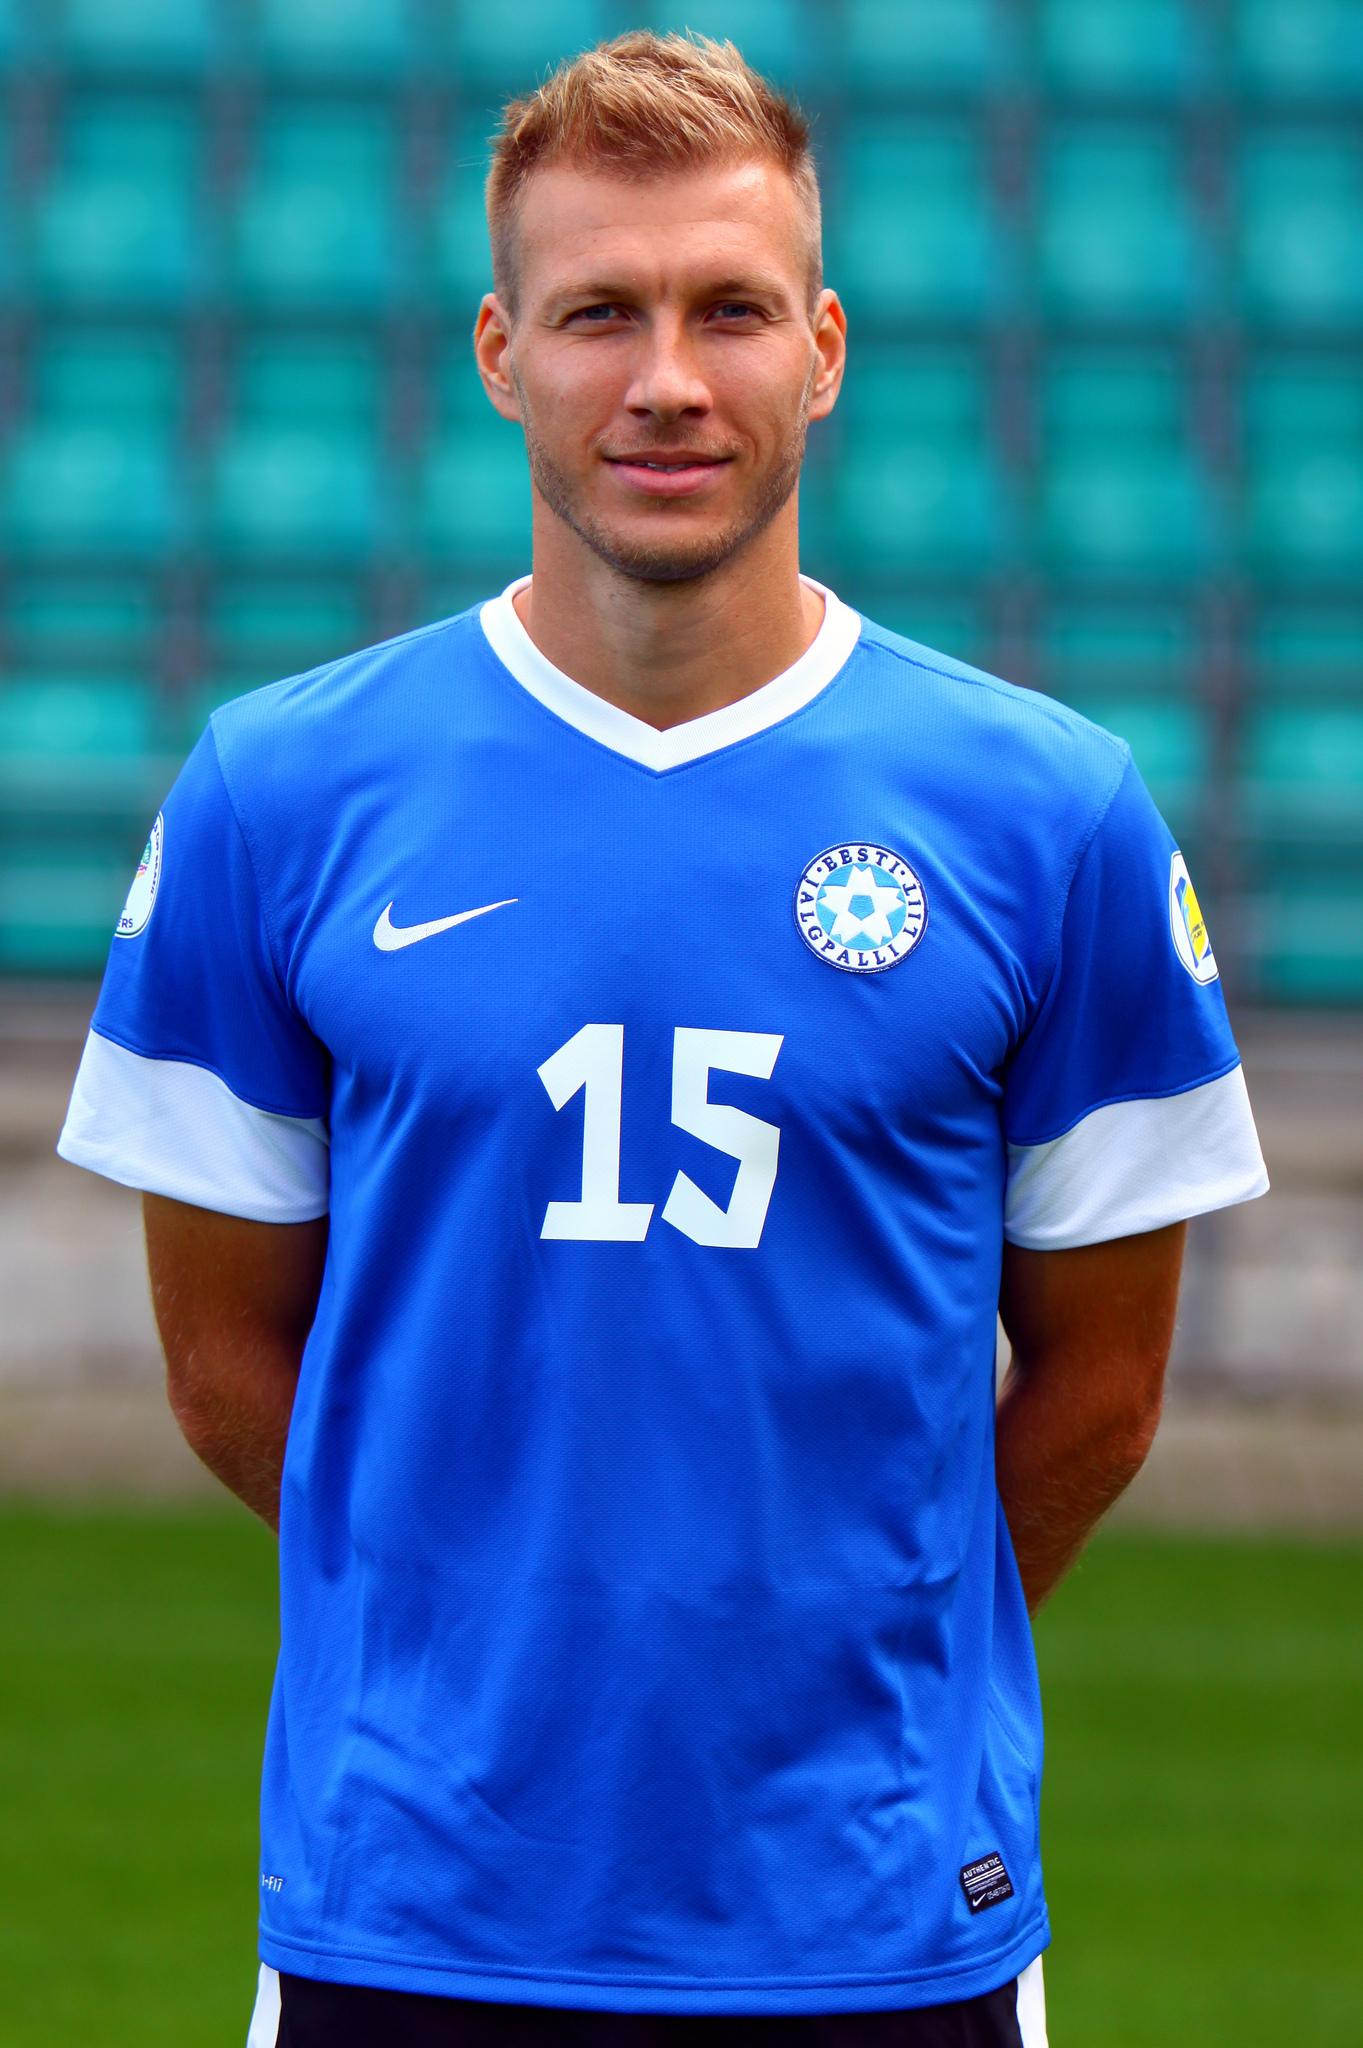 6005c11be43 Eesti jalgpallikoondise kapten on Ragnar Klavan, kes mängib Saksamaa  kõrgliigaklubis Augsburg.